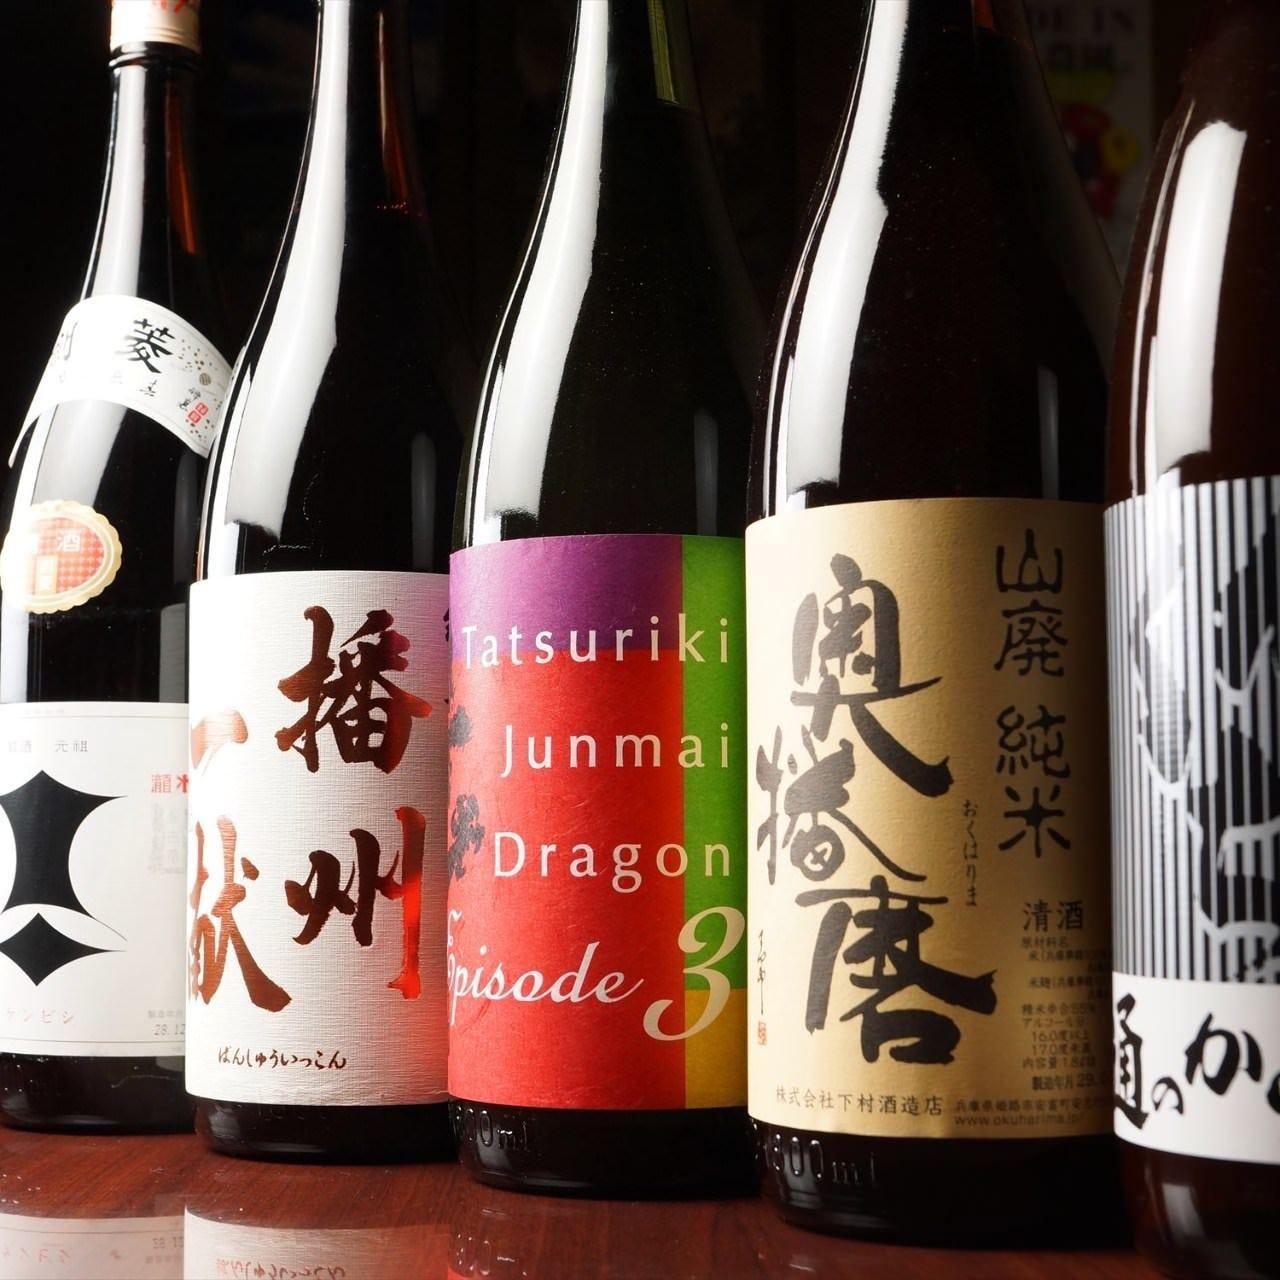 藁焼きと合う日本酒も豊富◎